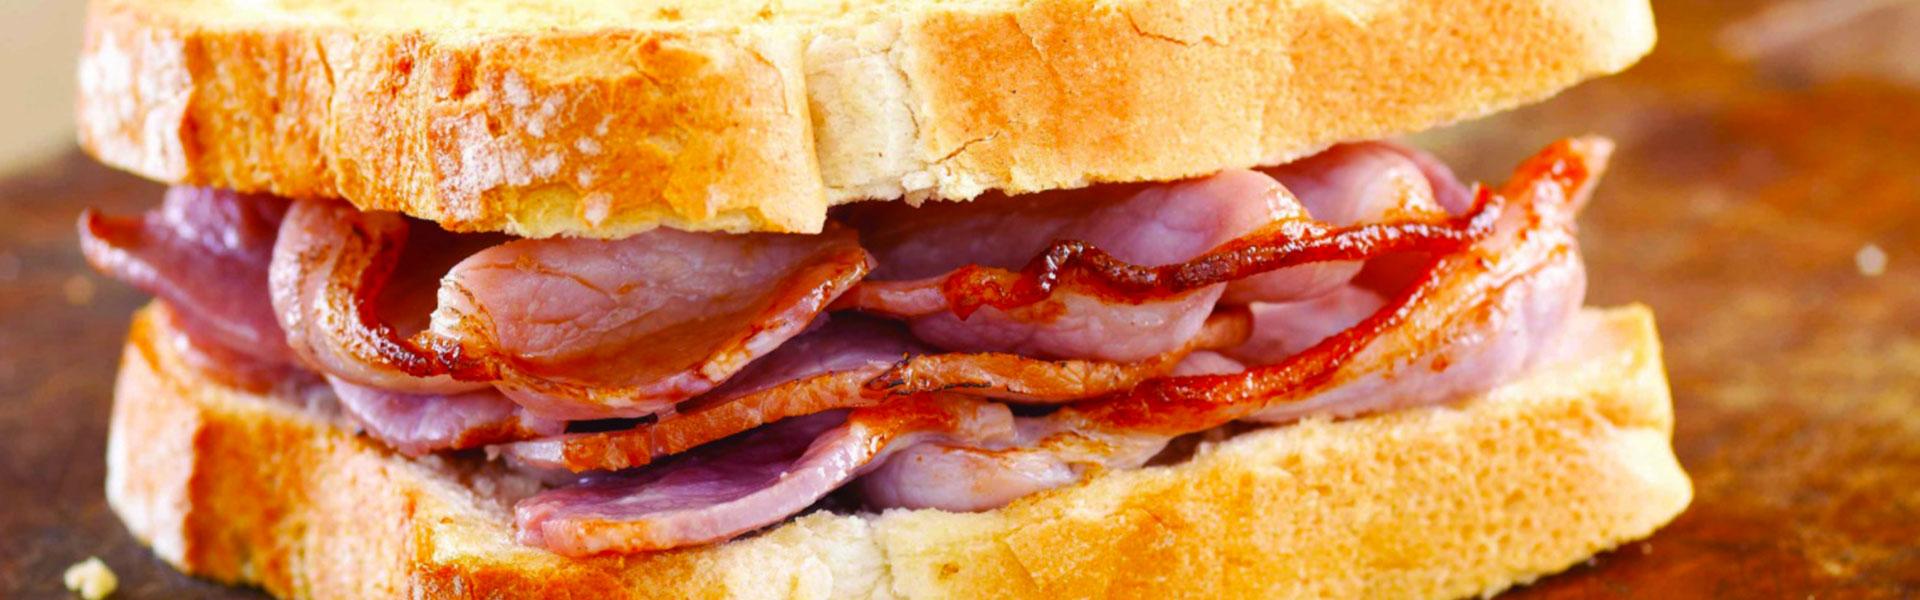 bacon-sand-1920x600